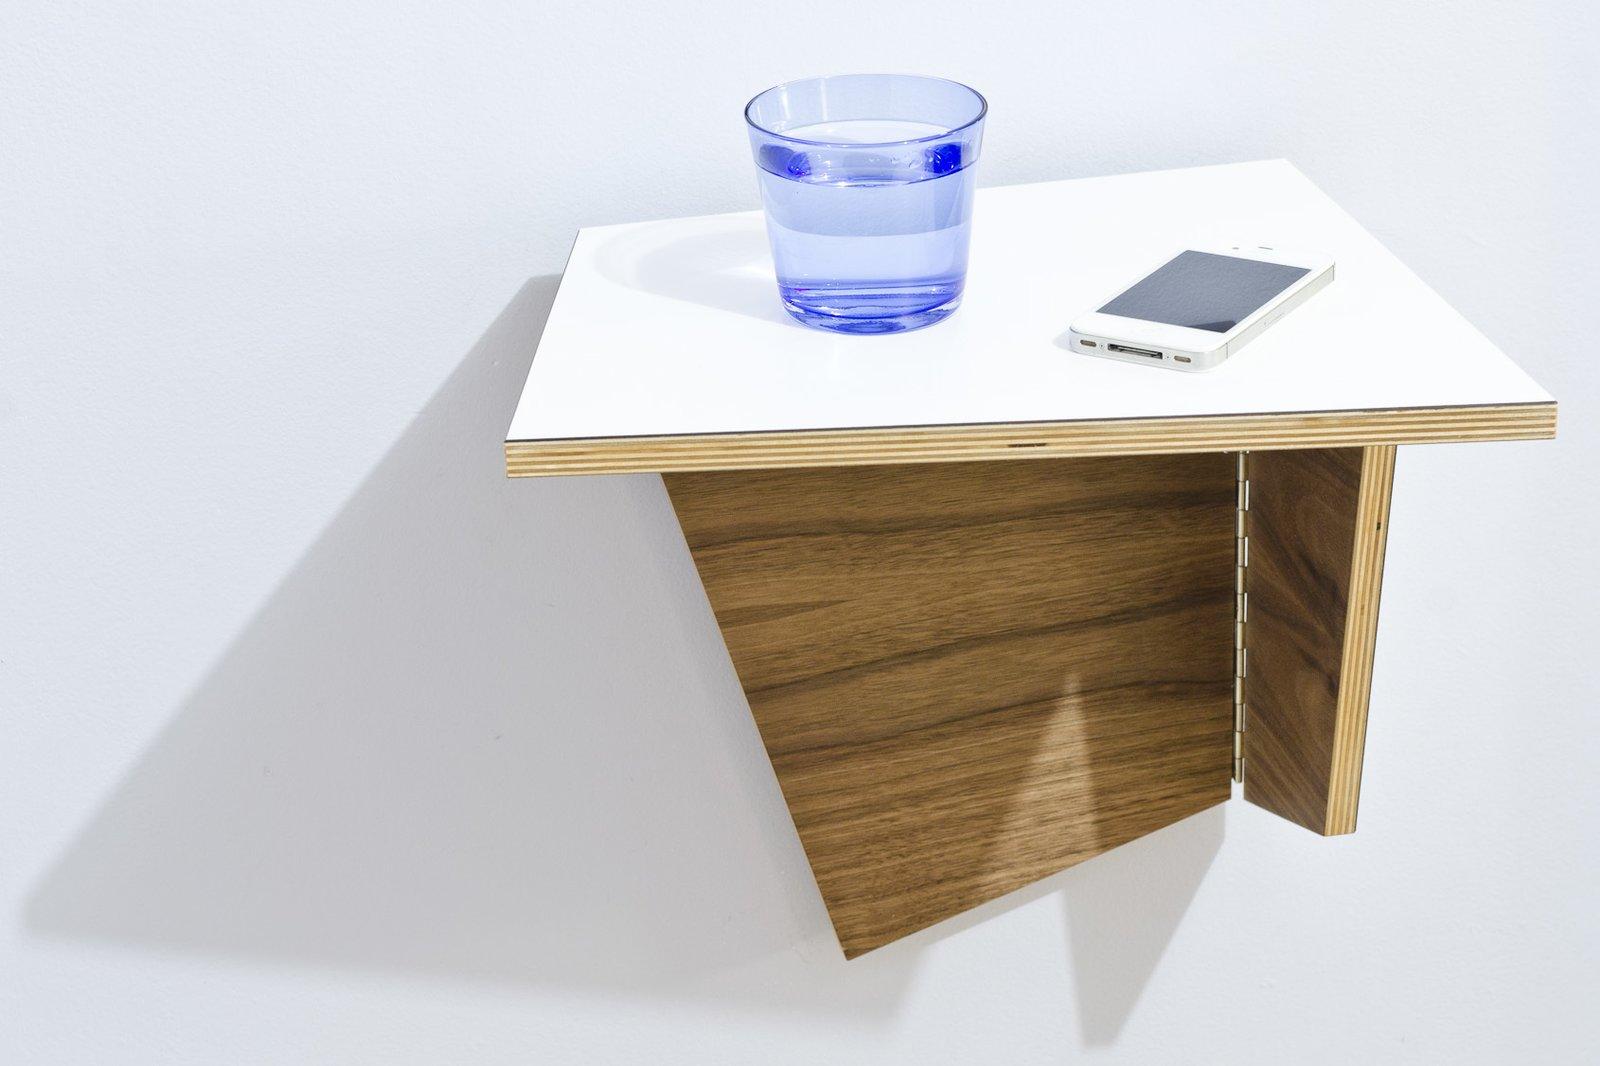 The easy-assembly Flip Shelf.